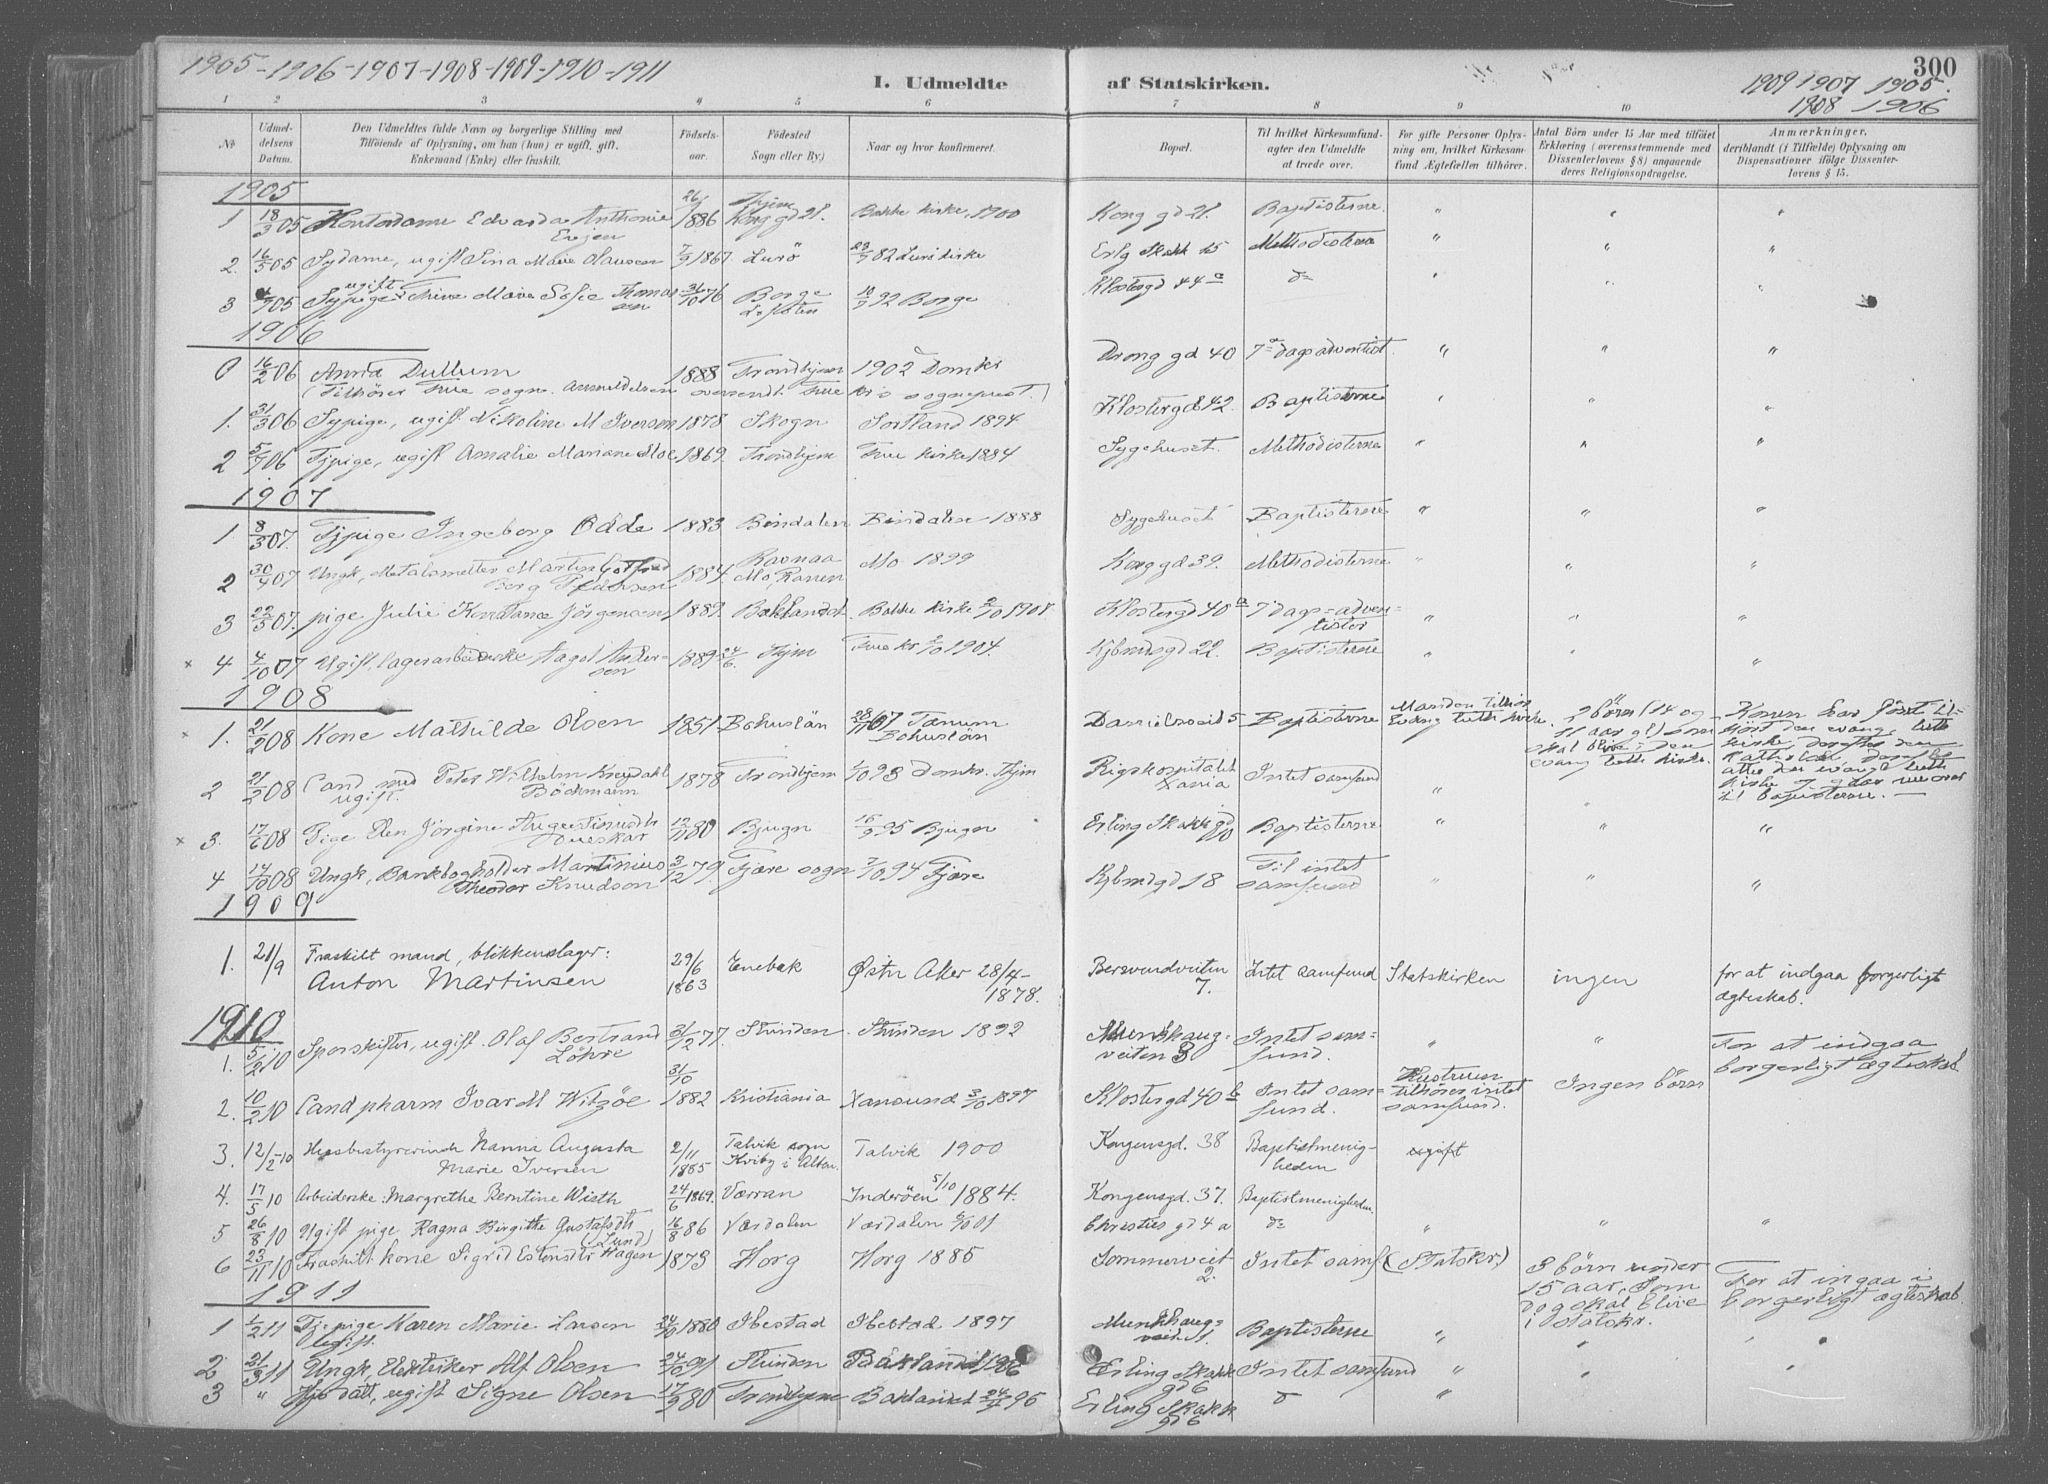 SAT, Ministerialprotokoller, klokkerbøker og fødselsregistre - Sør-Trøndelag, 601/L0064: Ministerialbok nr. 601A31, 1891-1911, s. 300